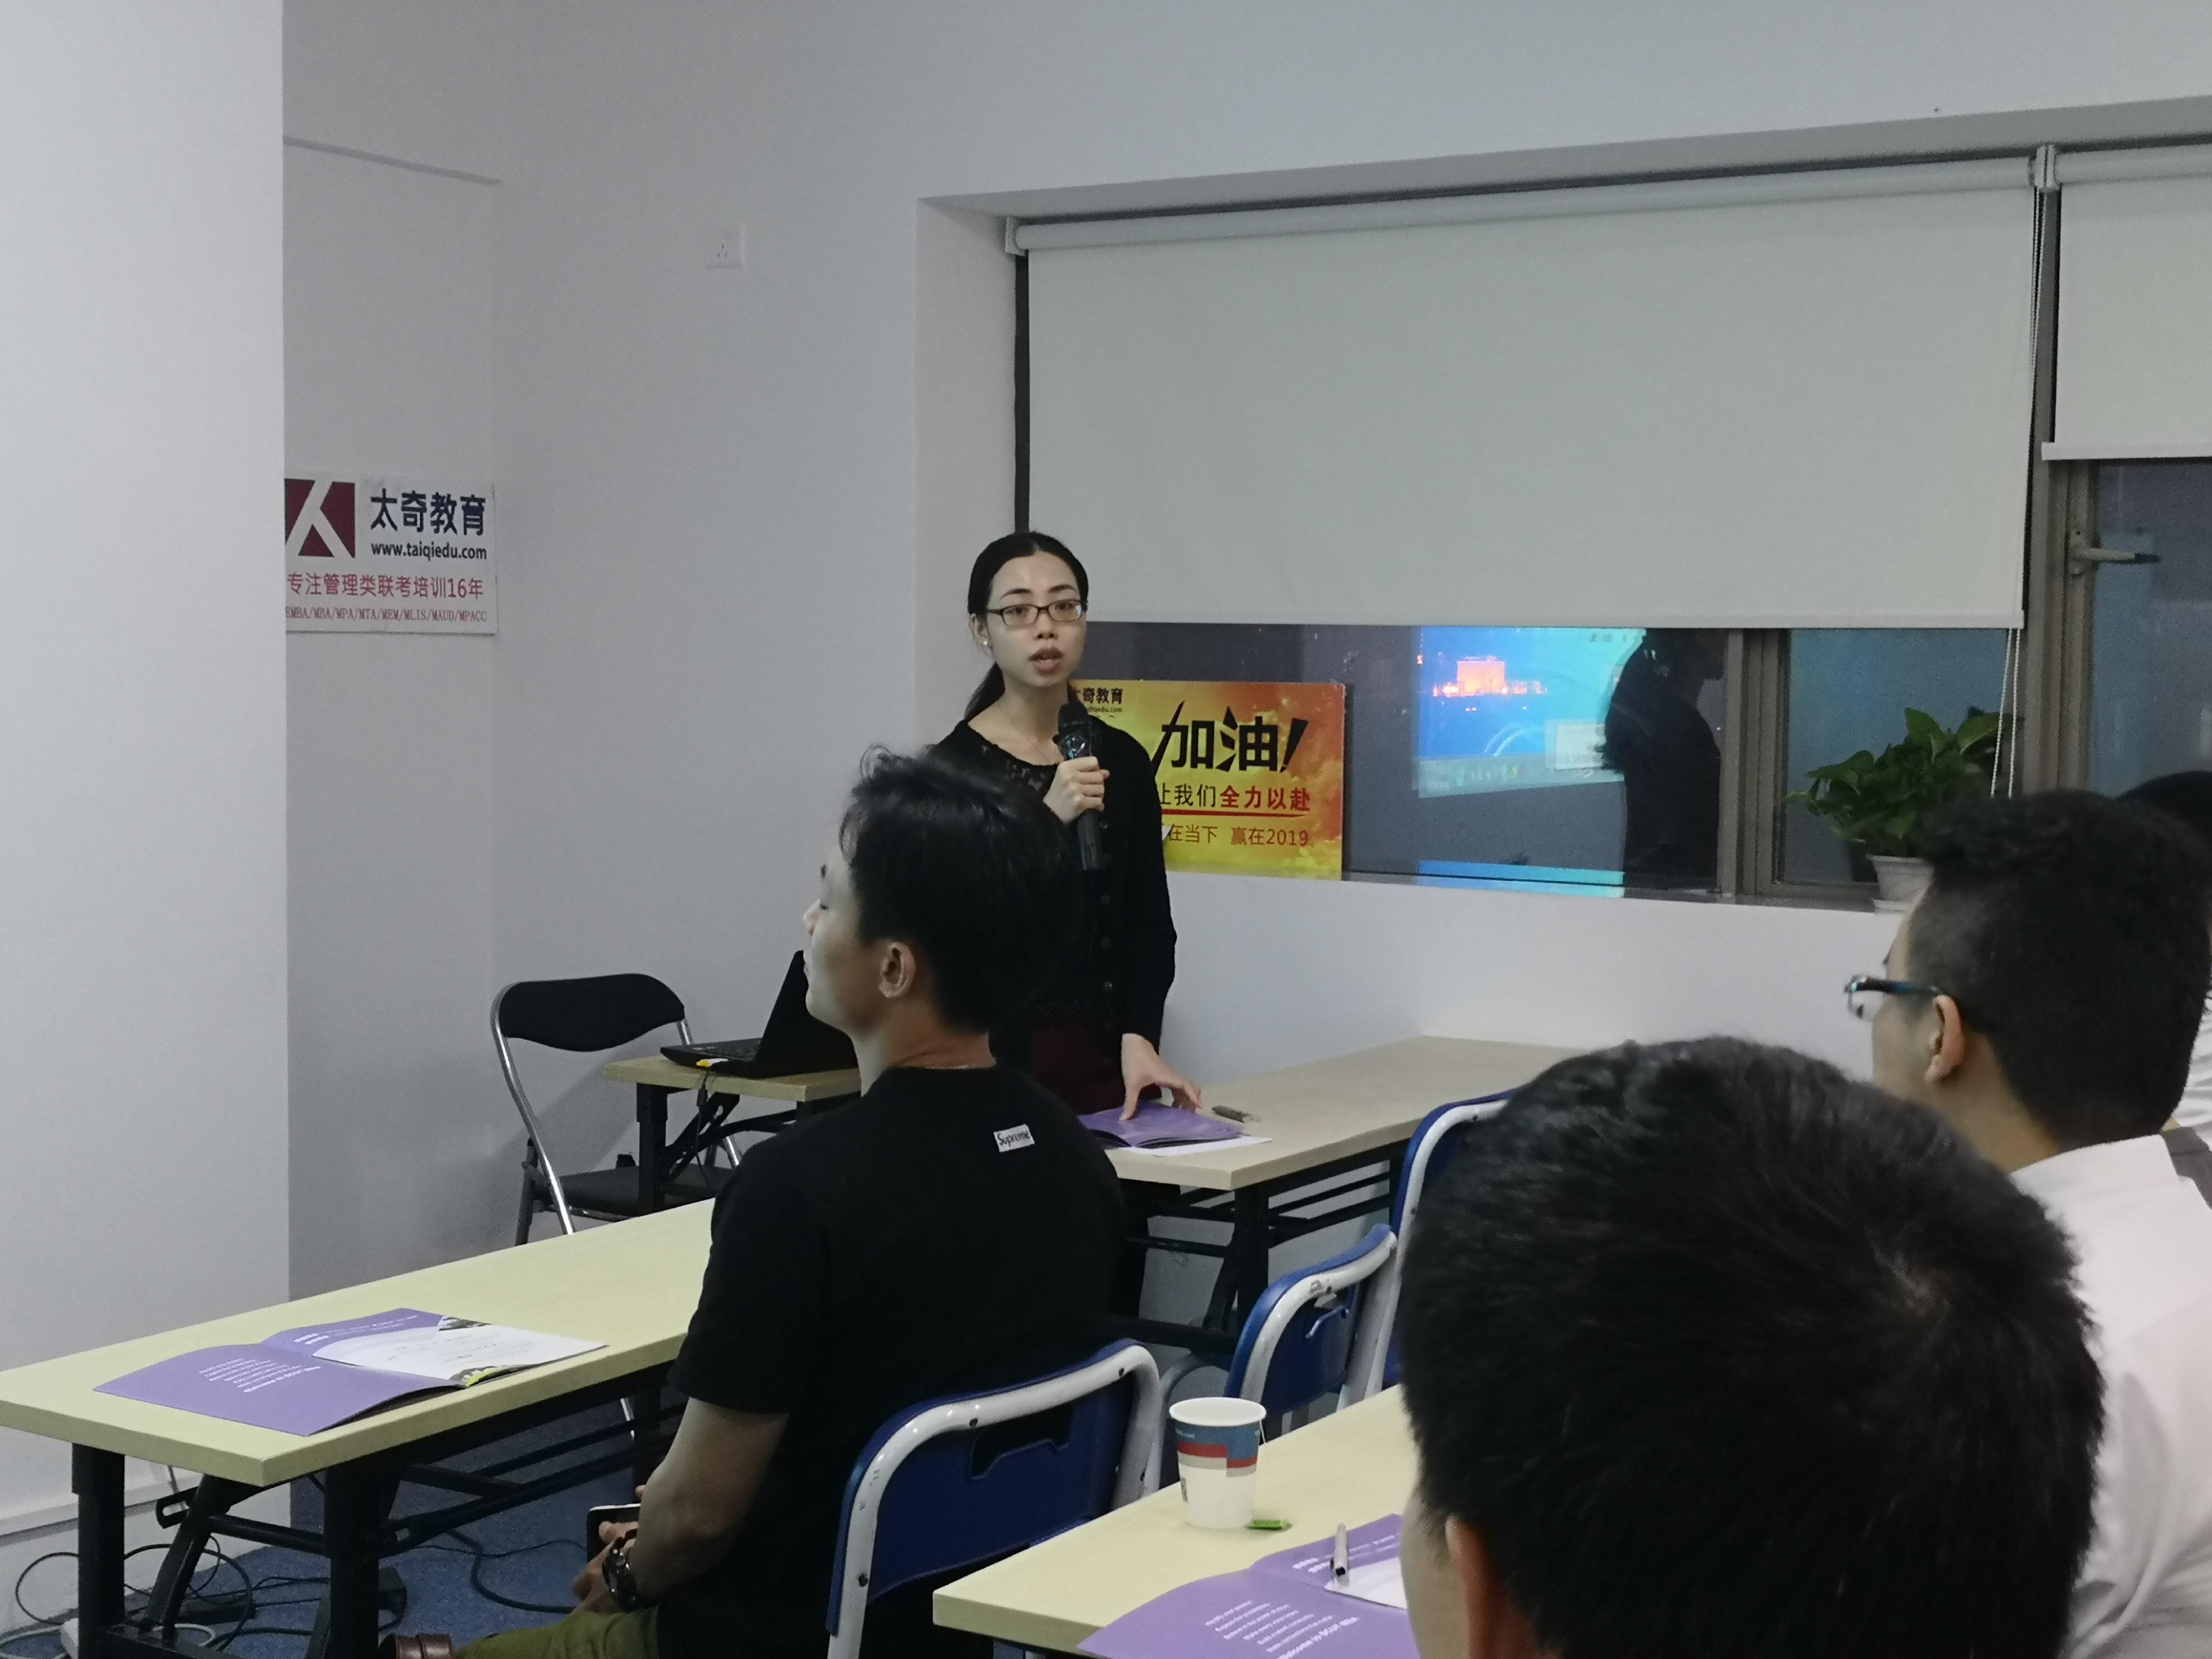 院校面对面-华工mba中心之广州太奇宣传活动完满成功